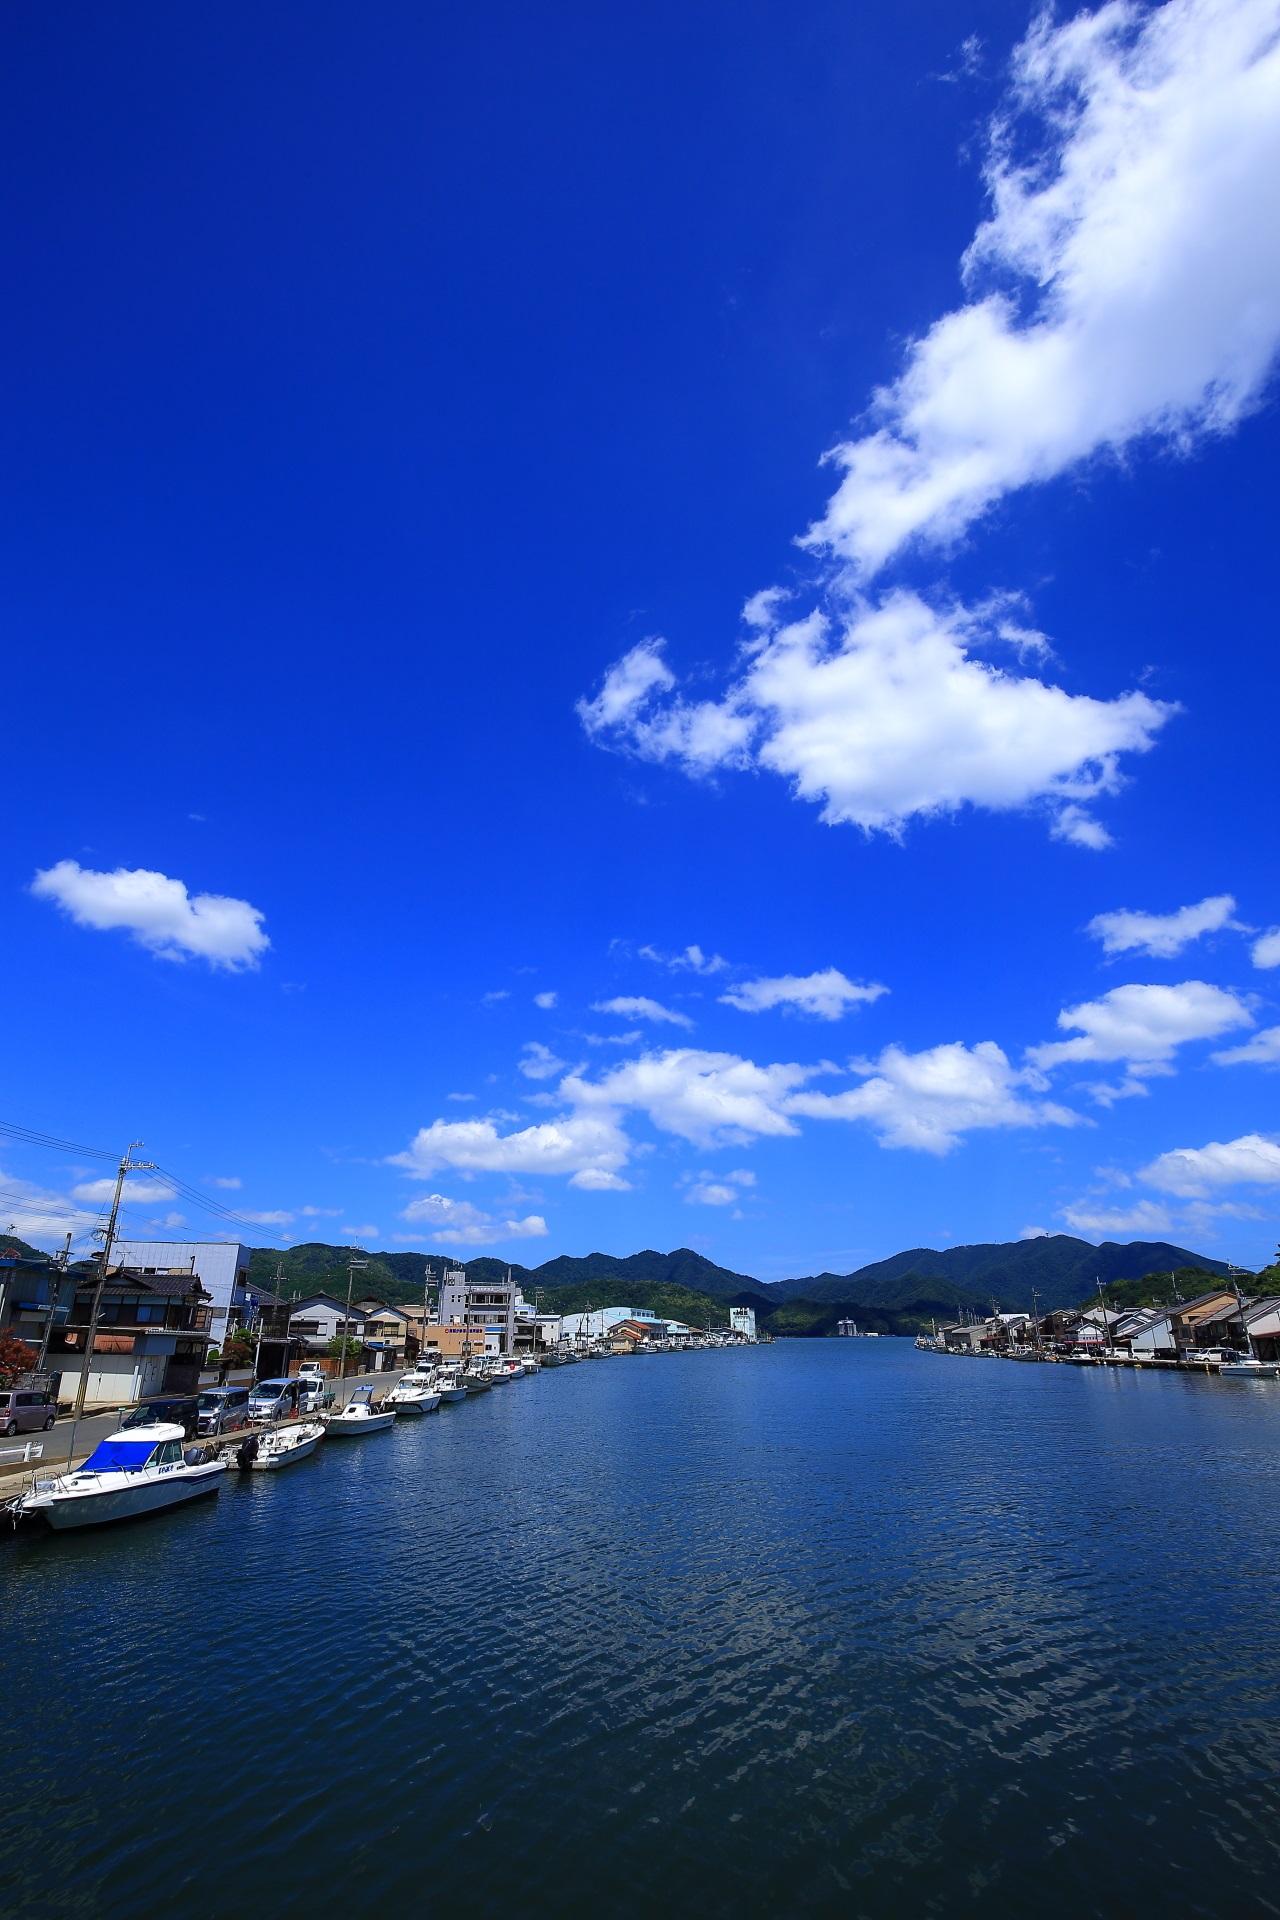 青空と白い雲の下の漁船が似合う綺麗な伊佐津川